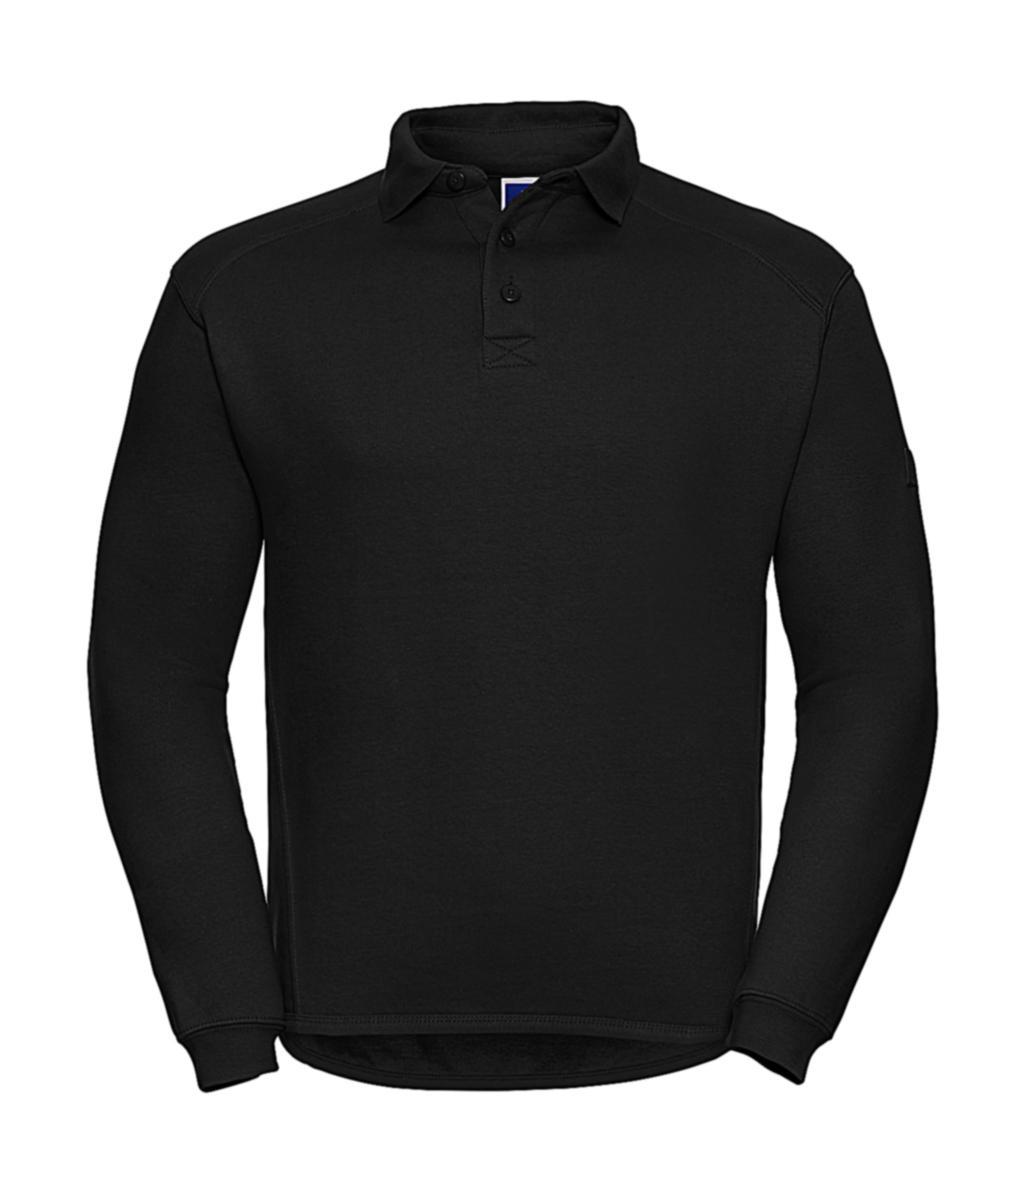 Heavy Duty Collar Sweatshirt